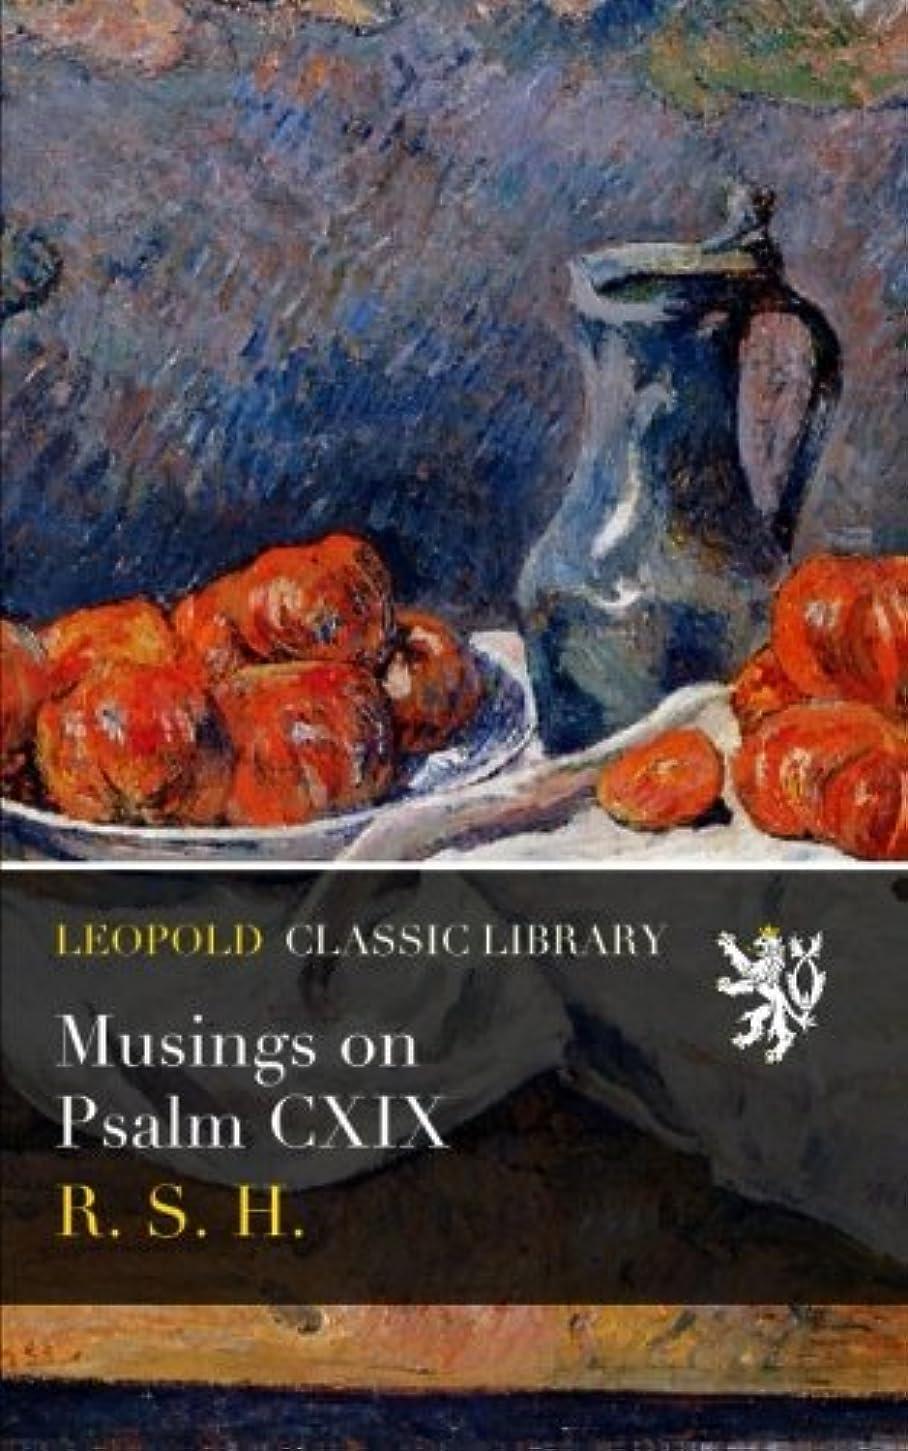 メンター細断生き返らせるMusings on Psalm CXIX